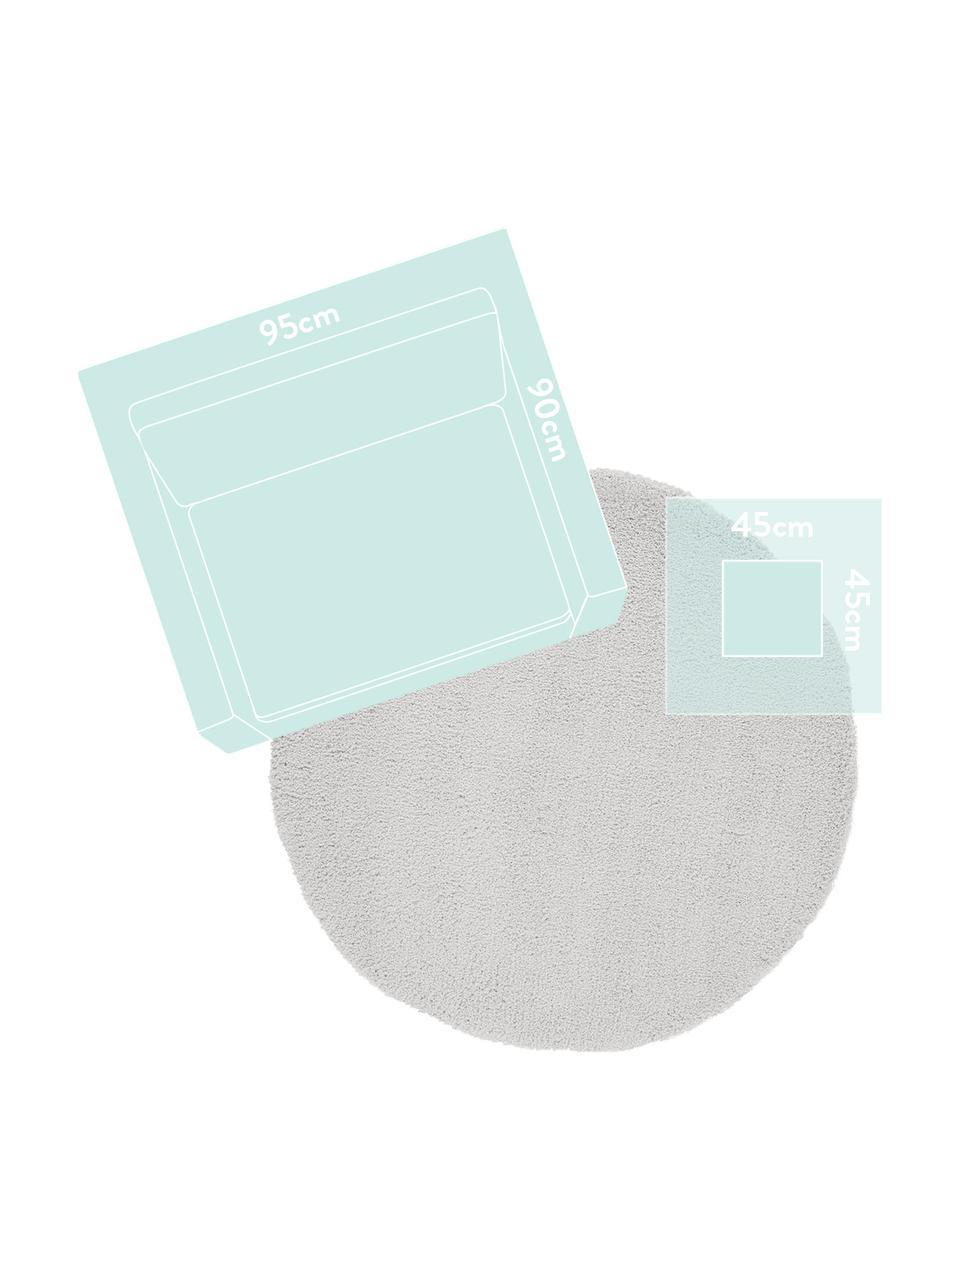 Tappeto peloso rotondo grigio chiaro Leighton, Retro: 70% poliestere, 30% coton, Grigio chiaro, Ø 200 cm (taglia L)